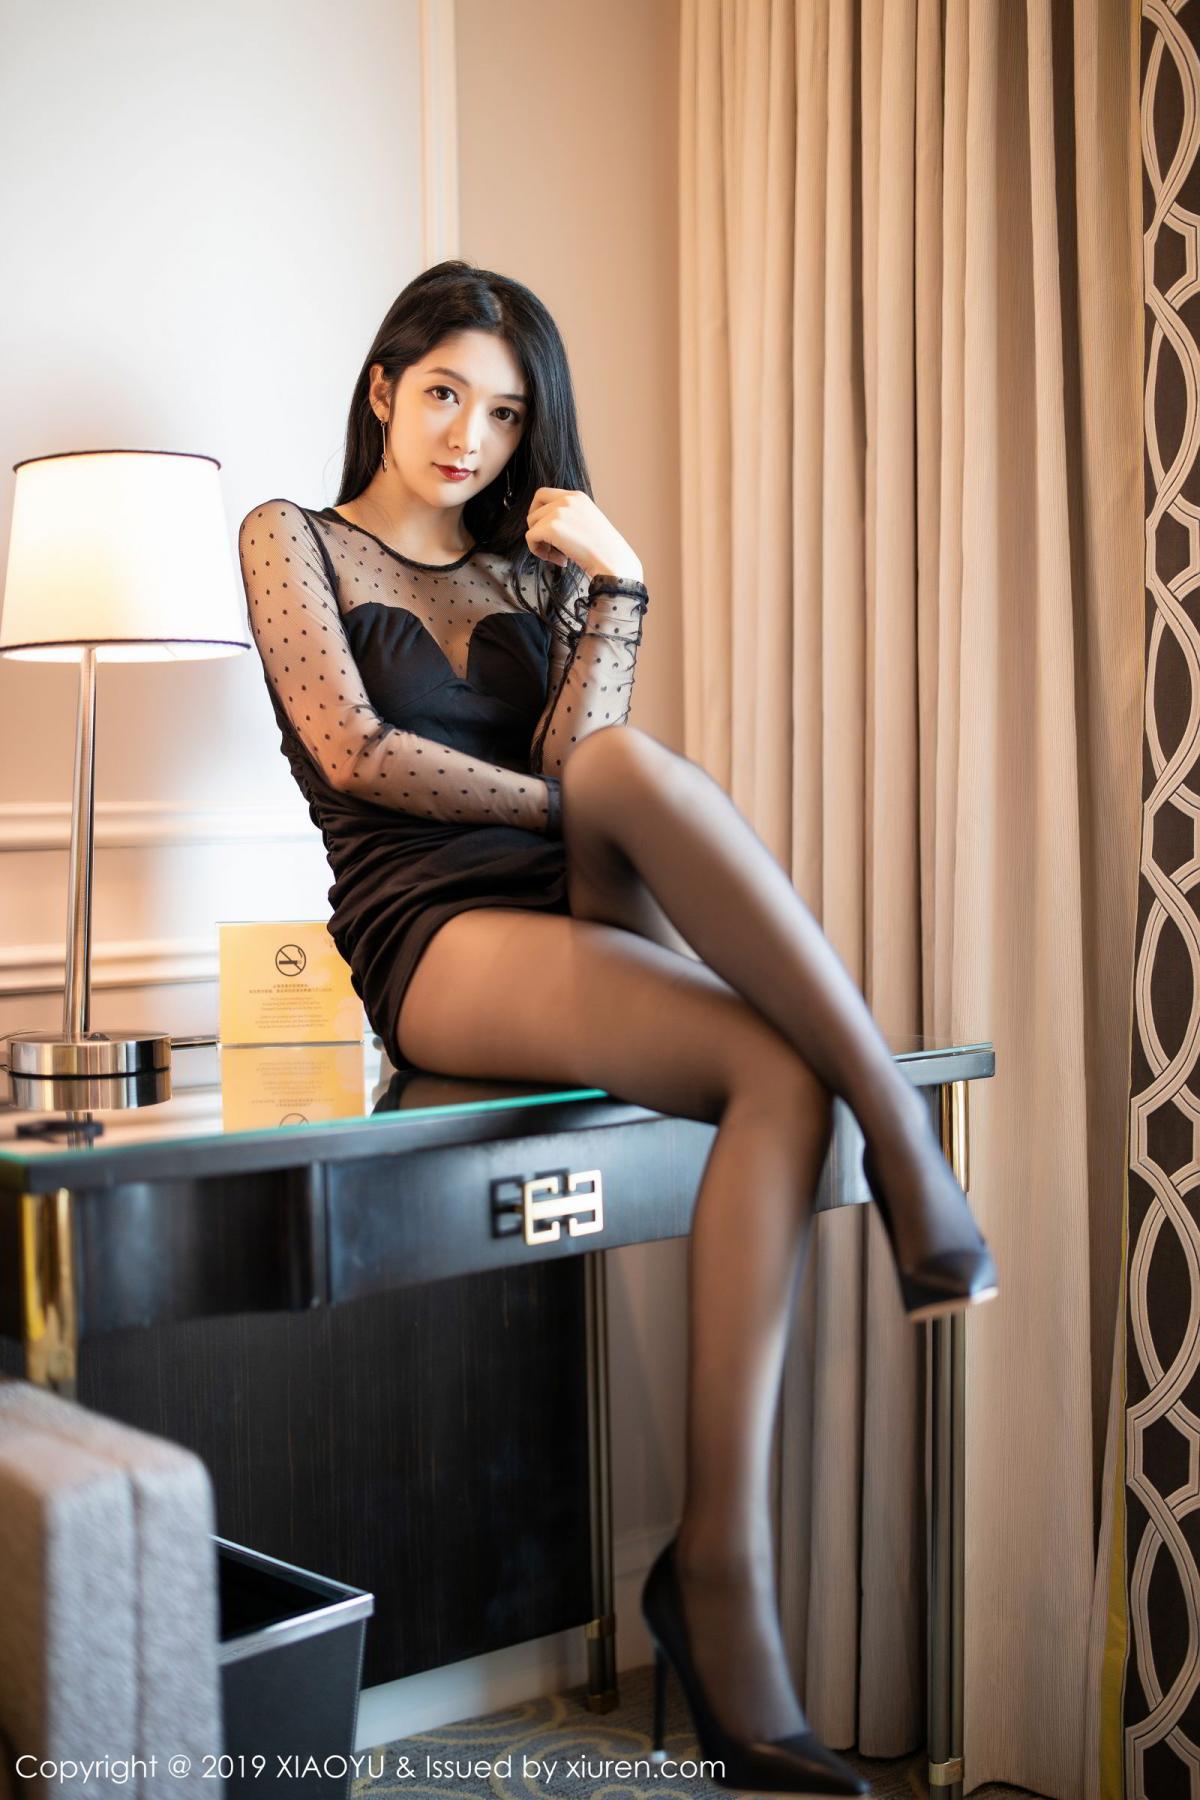 [XiaoYu] Vol.161 Di Yi 18P, Di Yi, XiaoYu